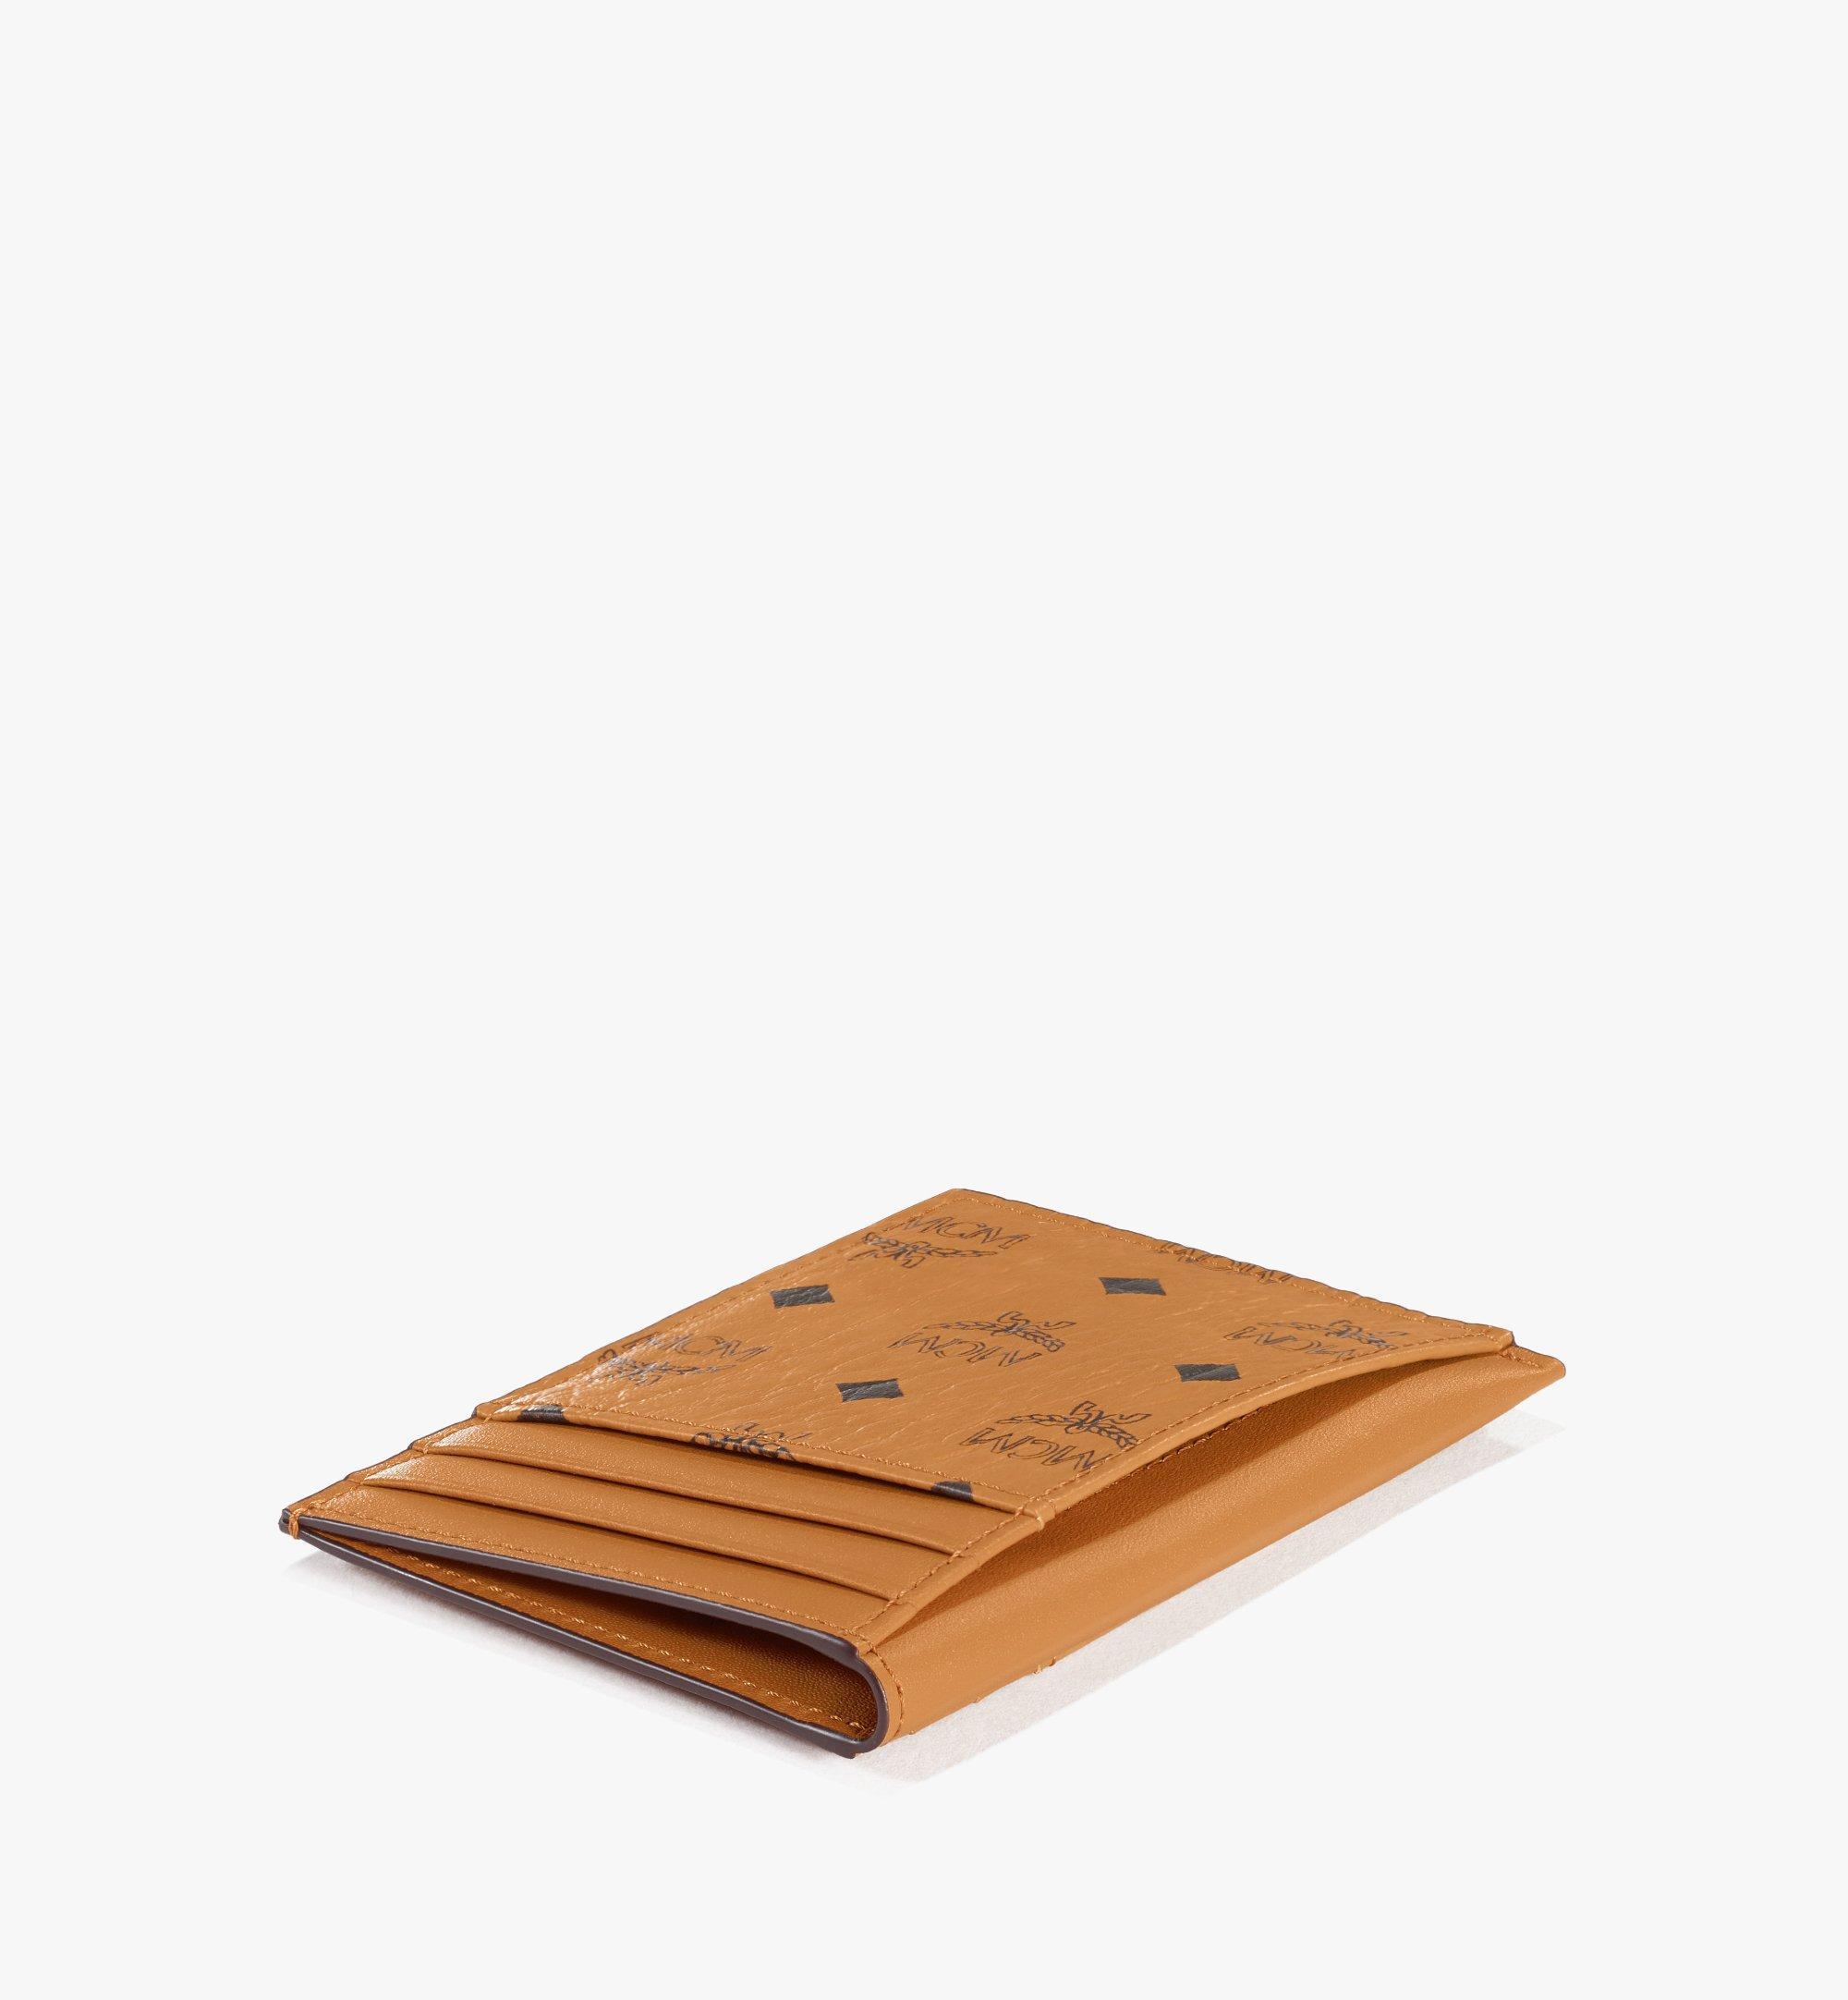 MCM N/S Card Case in Visetos Original Cognac MXAAAVI03CO001 Alternate View 1